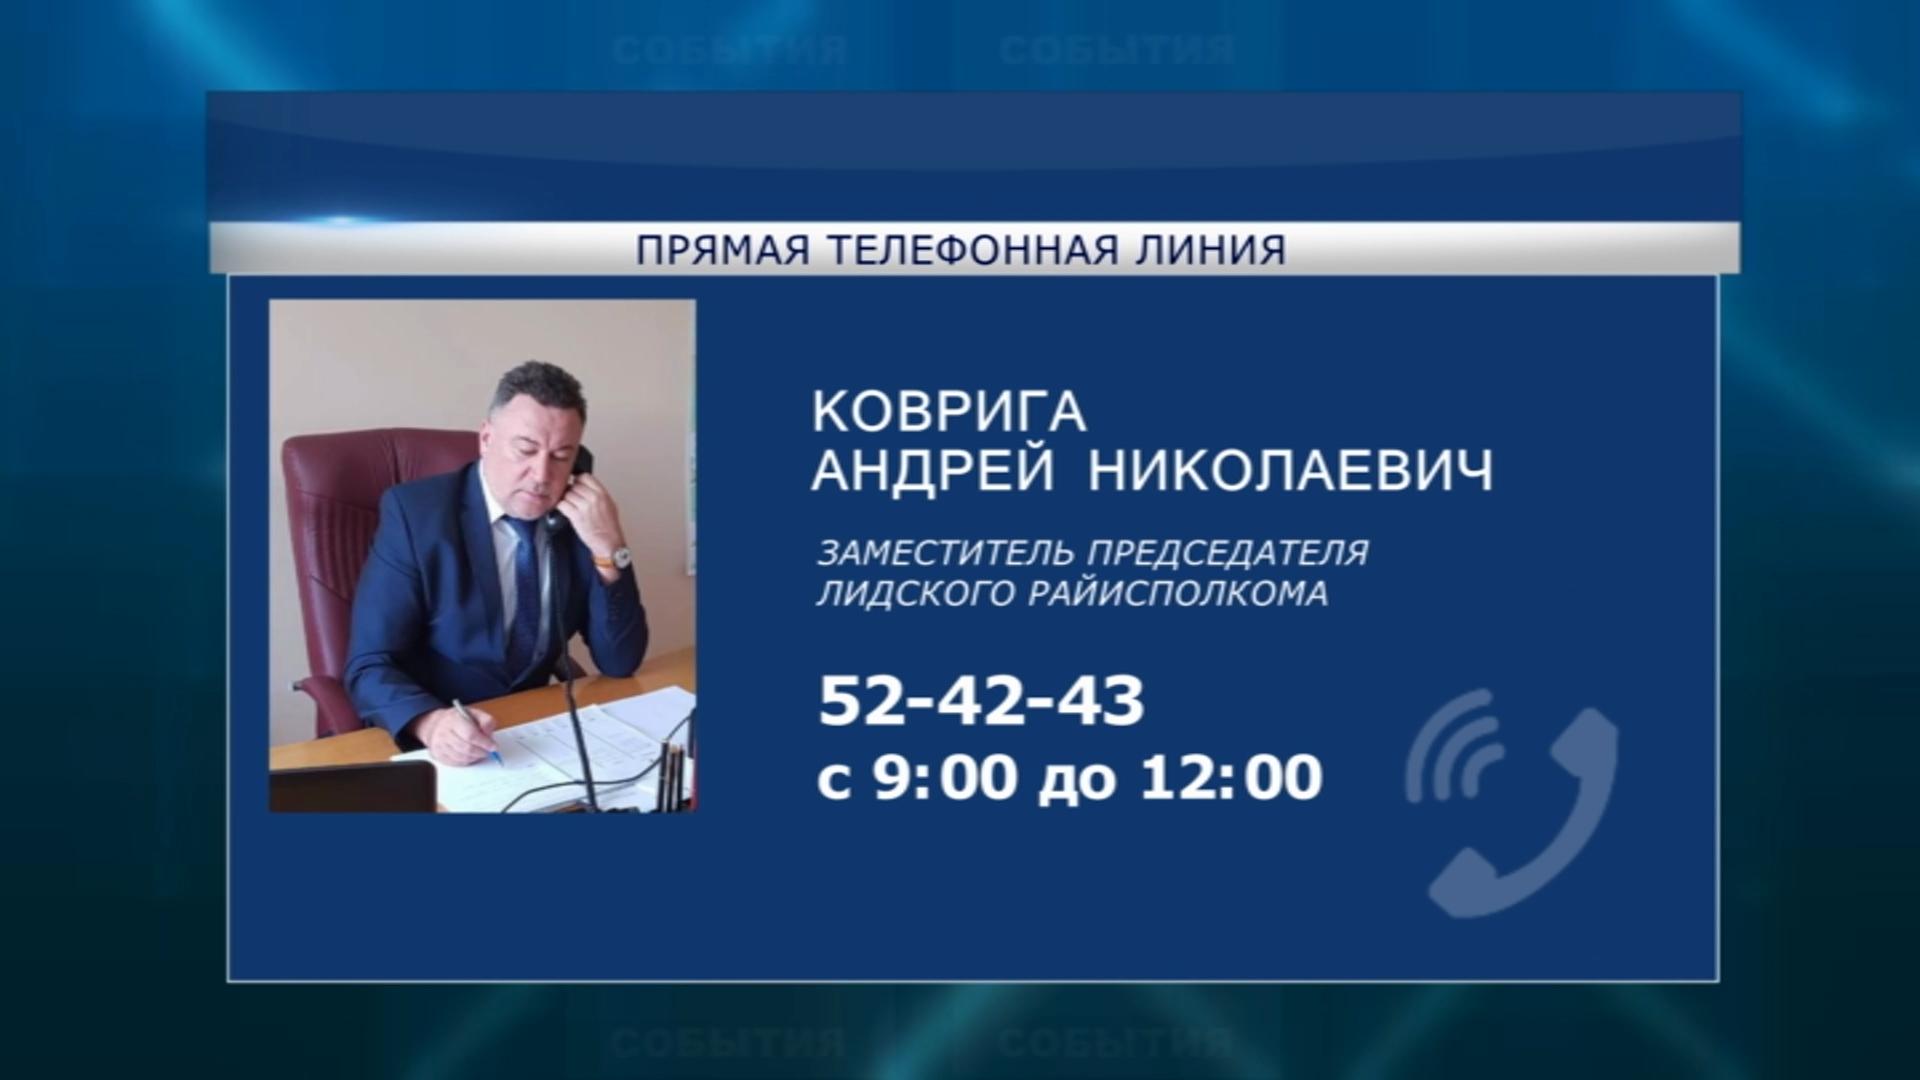 Очередная «прямая телефонная линия» пройдет в предстоящую субботу, 26 октября, в Лидском райисполкоме.